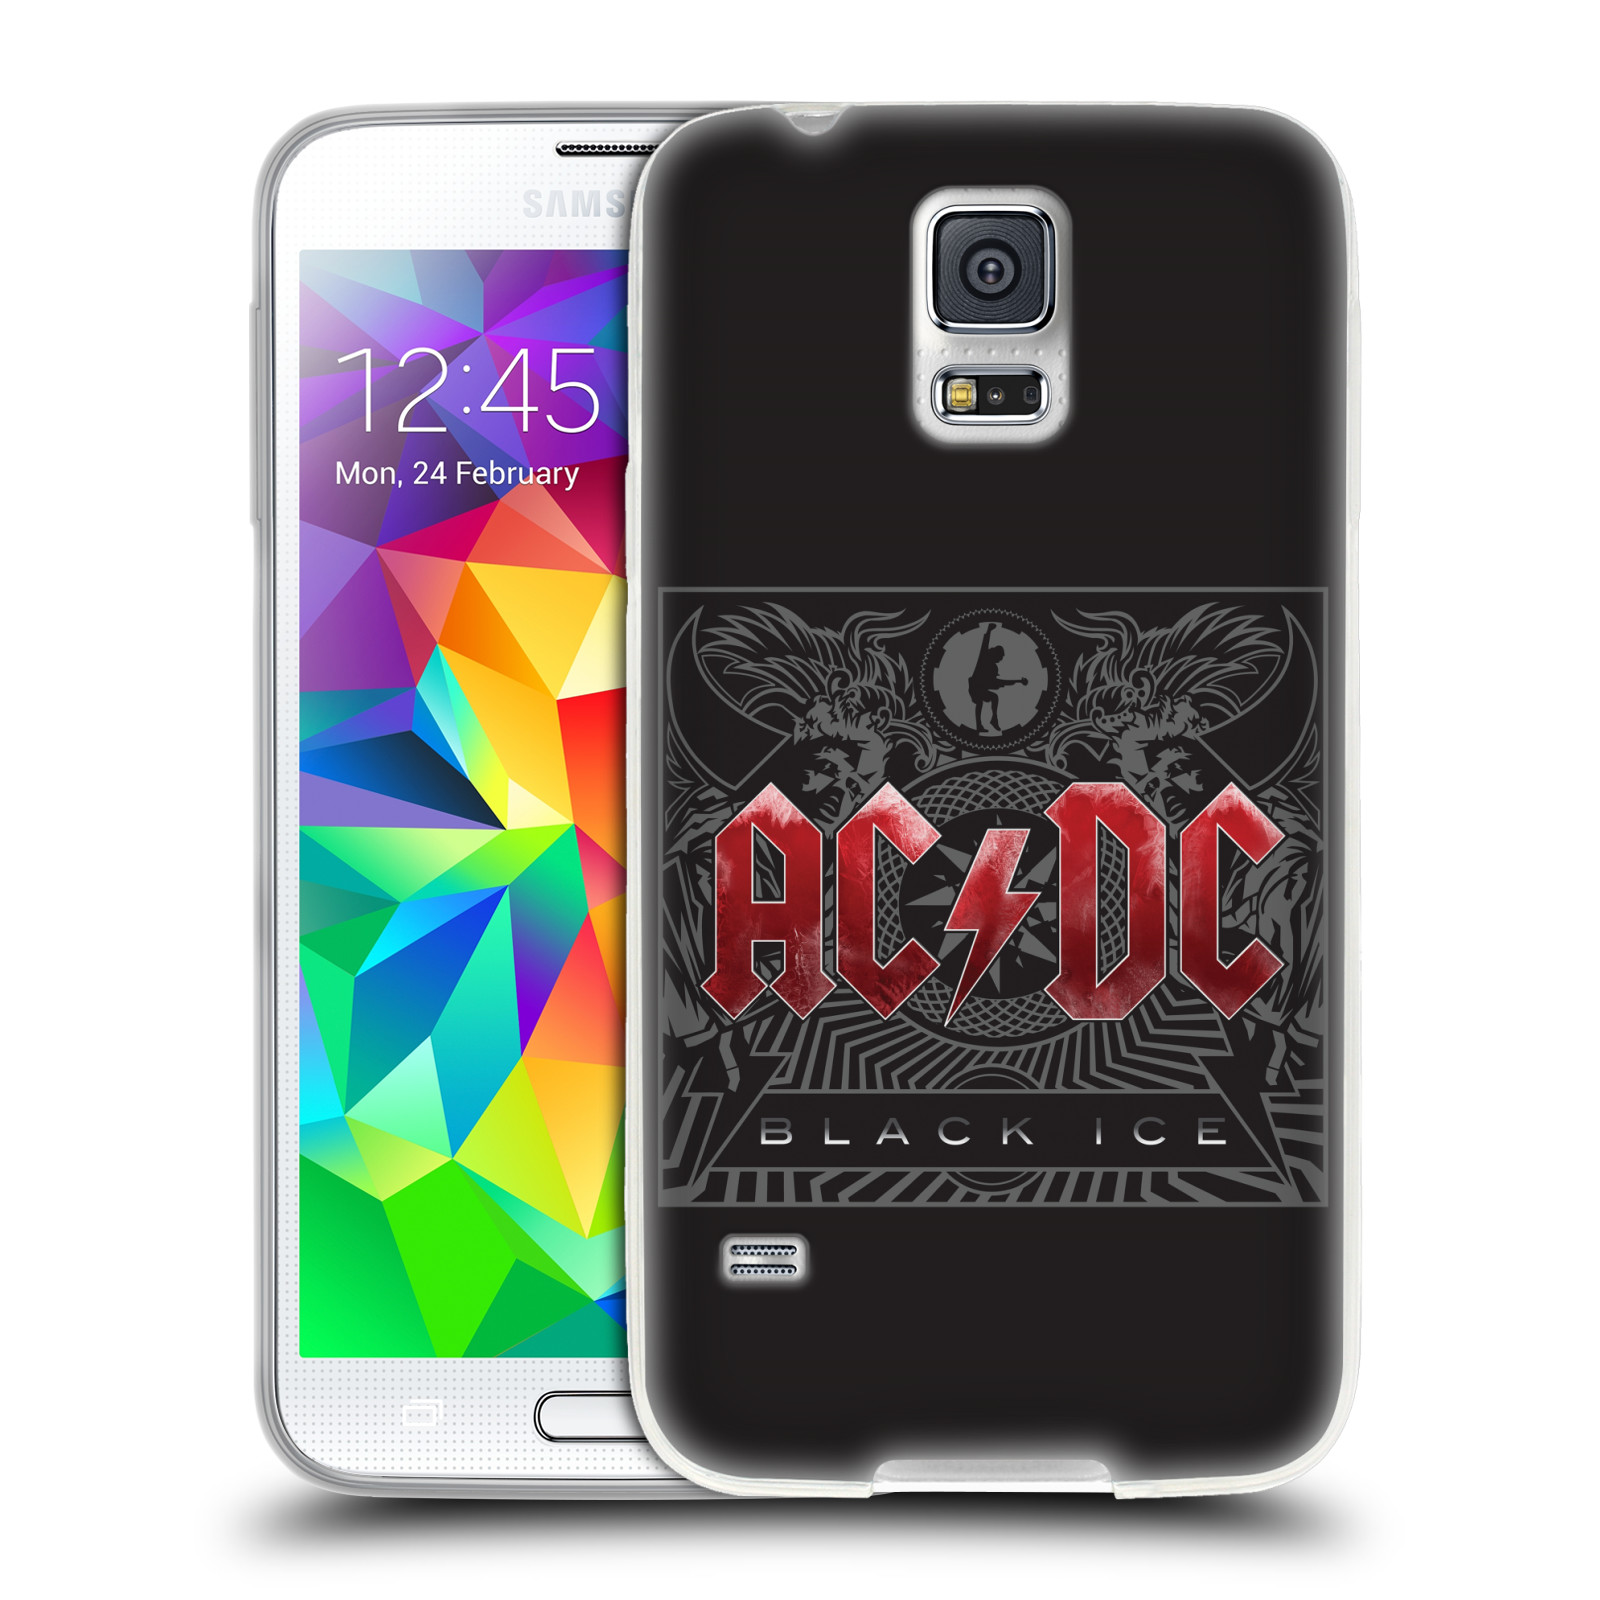 Silikonové pouzdro na mobil Samsung Galaxy S5 HEAD CASE AC/DC Black Ice